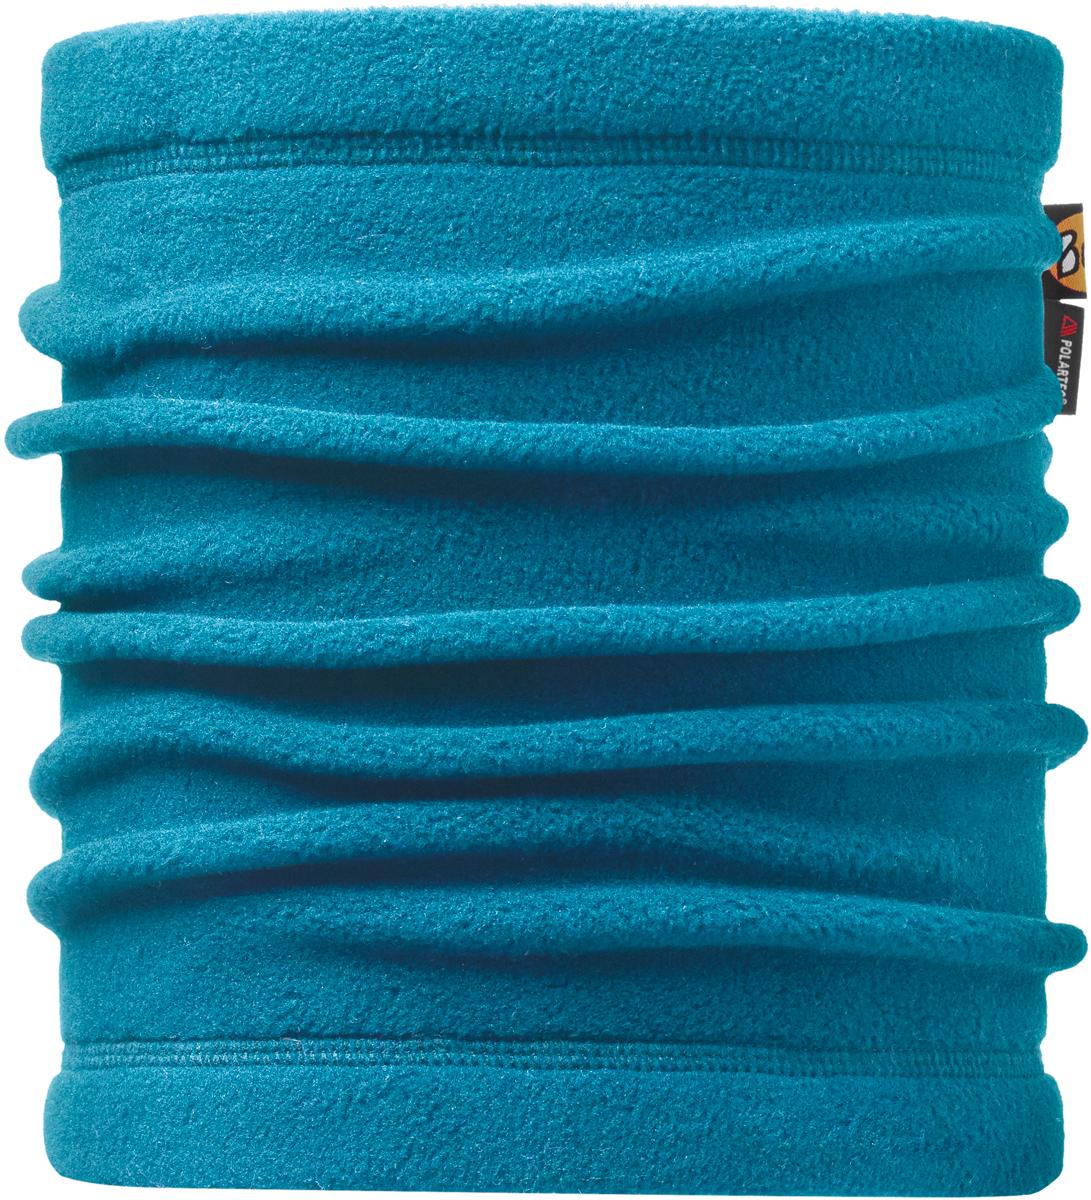 Шарф Buff Polar, цвет: бирюзовый. 113125.737.10.00. Размер универсальный113125.737.10.00Теплая бандана-шарф из серии Polar Buff®. Polar Buff® - это бандана-труба из серии Original Buff®, пришитая к цилиндру из Polartec® Classic Fleece 100 ®. В холодную погоду Polar Buff® поддерживает нормальную температуру тела и предотвращает потерю тепла, благодаря комбинации микрофибры и Polartec®. Благодаря своей универсальности, функциональности и практичности Polar Buff завоевал огромную популярность среди людей, ее можно использовать как шапку, шарф, бандану на лицо и уши, балаклаву, маску. Неотъемлемая часть зимней одежды, подходит для любой активности в холодное время года.